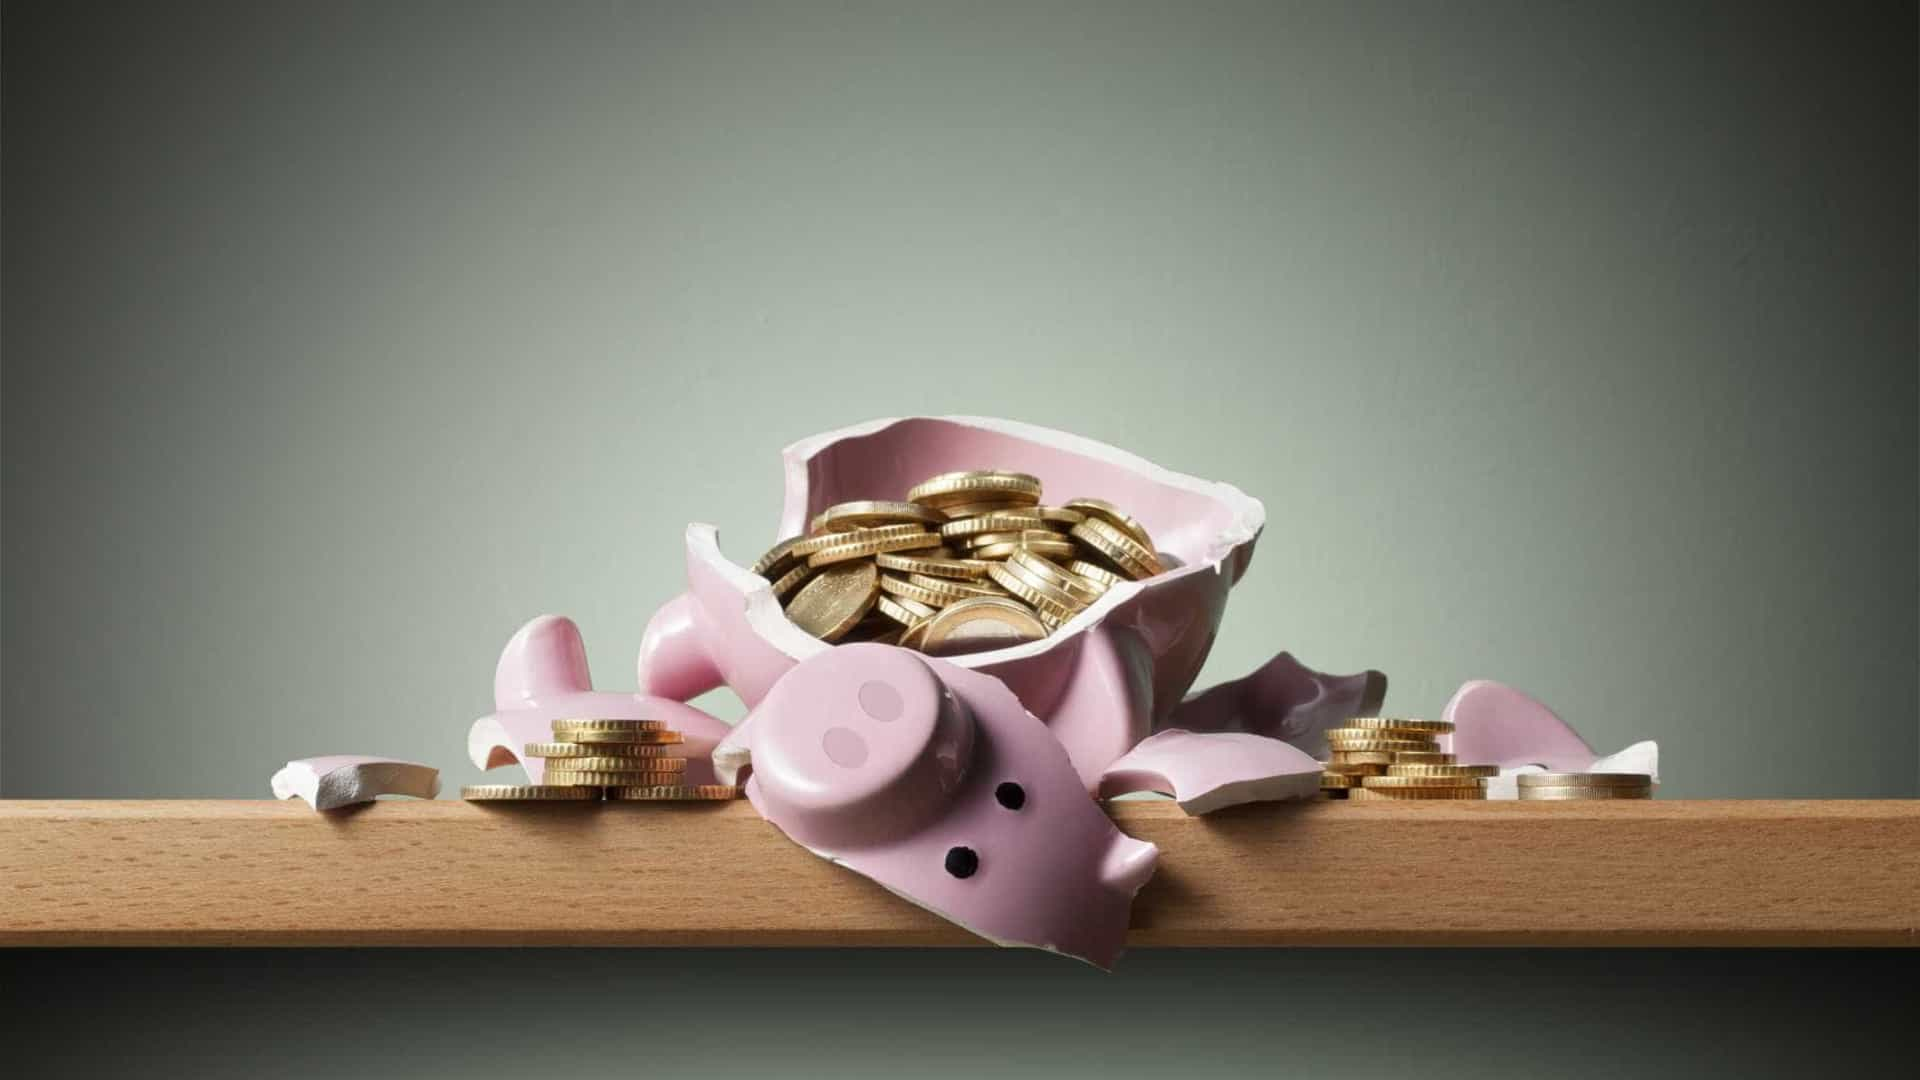 Com alta da inflação, crédito imobiliário ligado ao IPCA e poupança perde fôlego